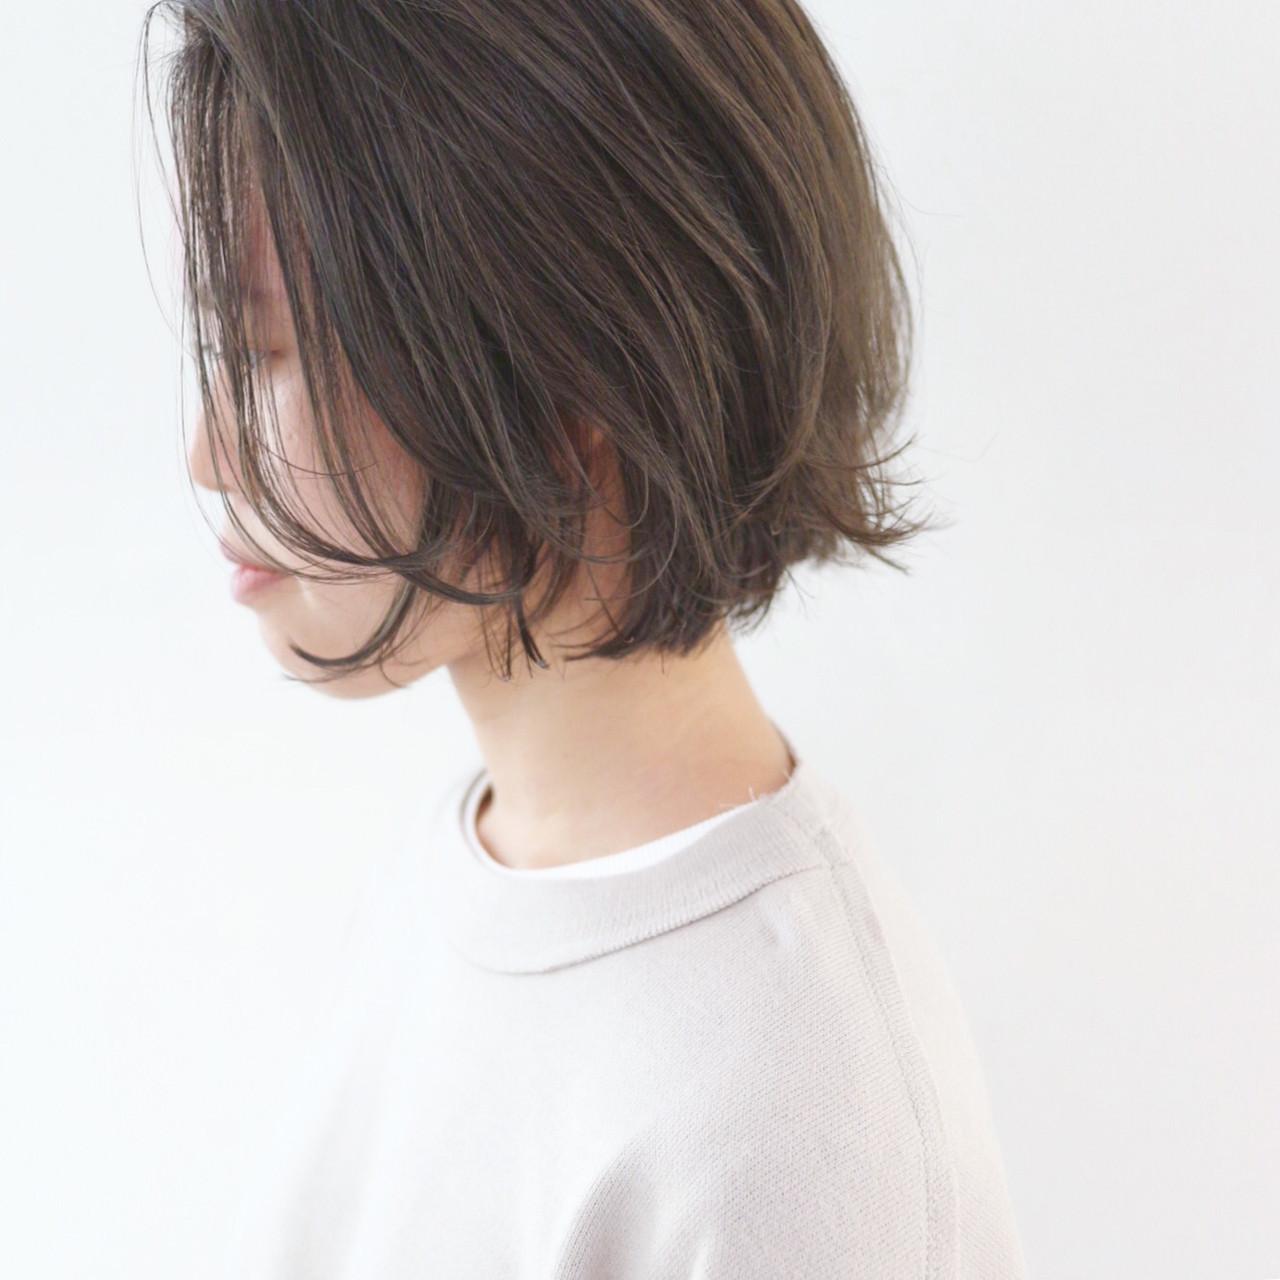 アッシュ ストリート ブルージュ グレージュ ヘアスタイルや髪型の写真・画像